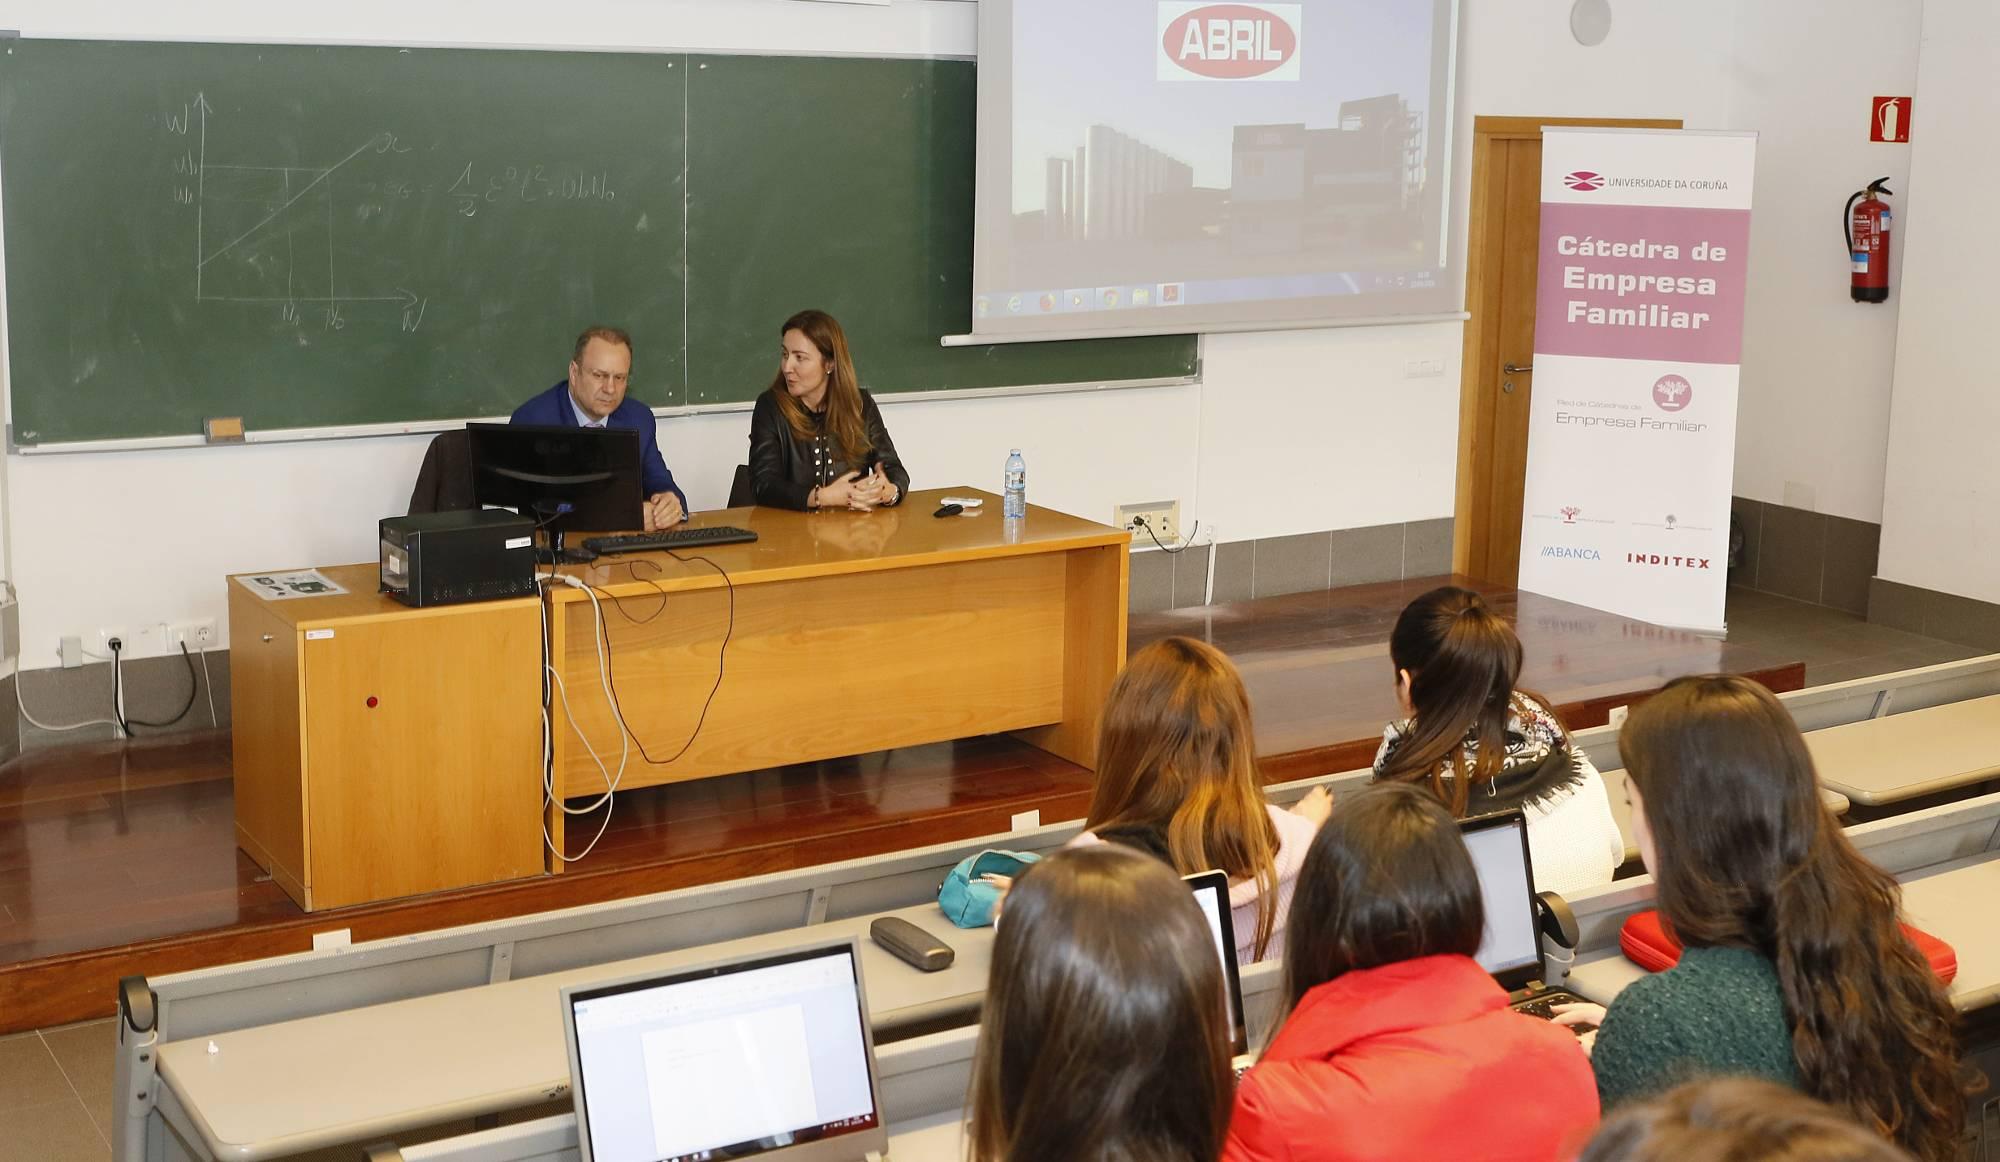 Aceites Abril, unha aposta pola innovación e a internacionalización